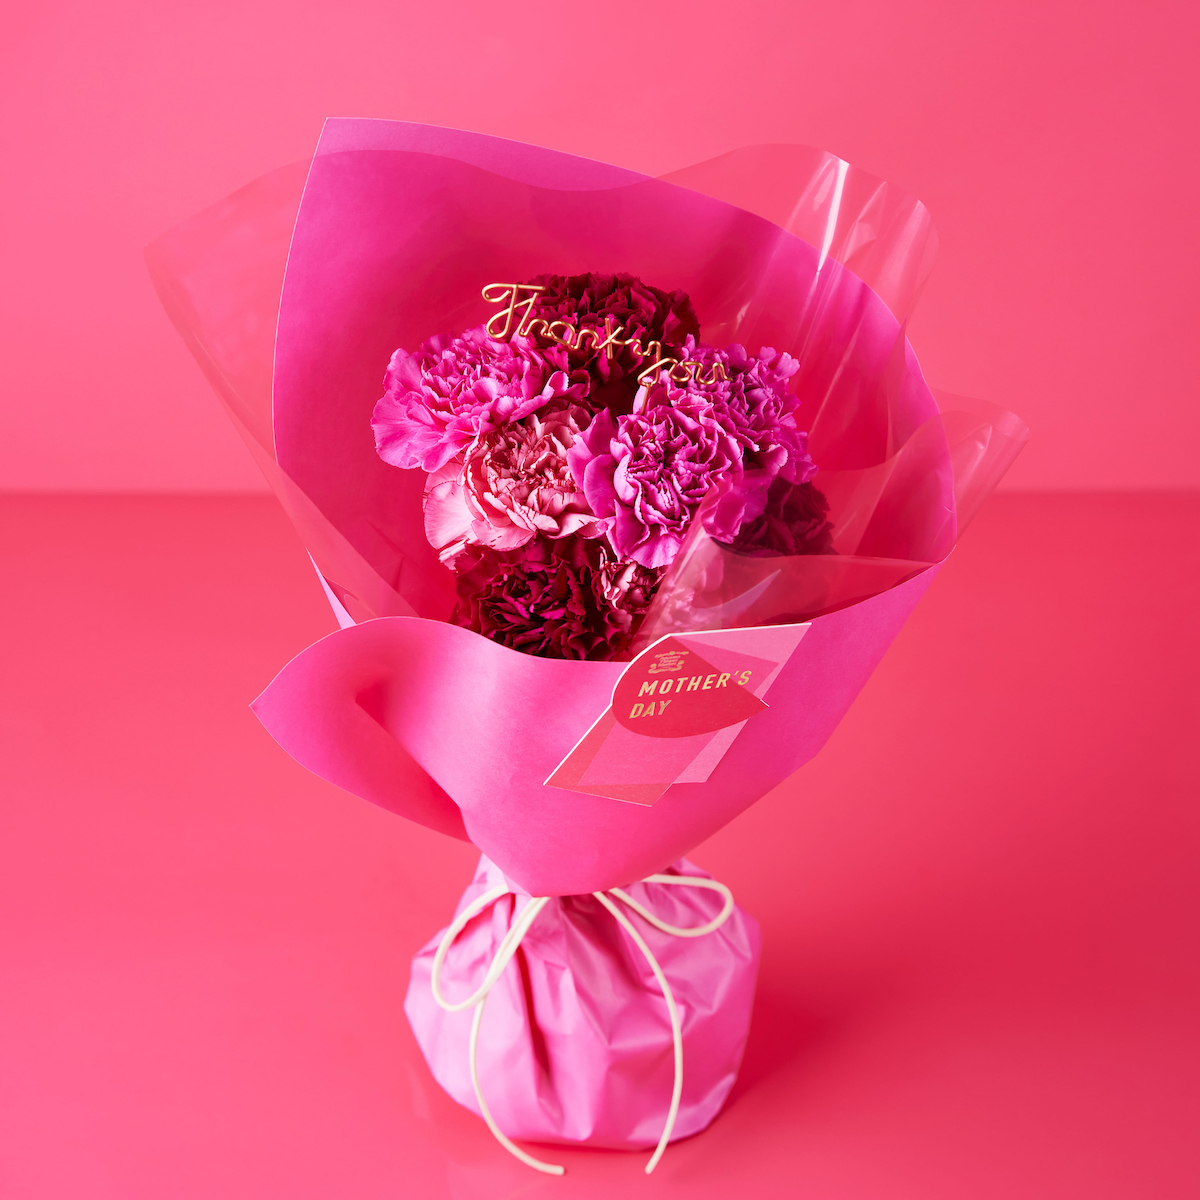 レイヤードブーケはコーラル、フューシャの2色展開。 レイヤードブーケS ¥3,300 ※配送の場合、箱代、送料がかかります。 ※画像はイメージです。使用する花は仕入れにより異なる場合があります。